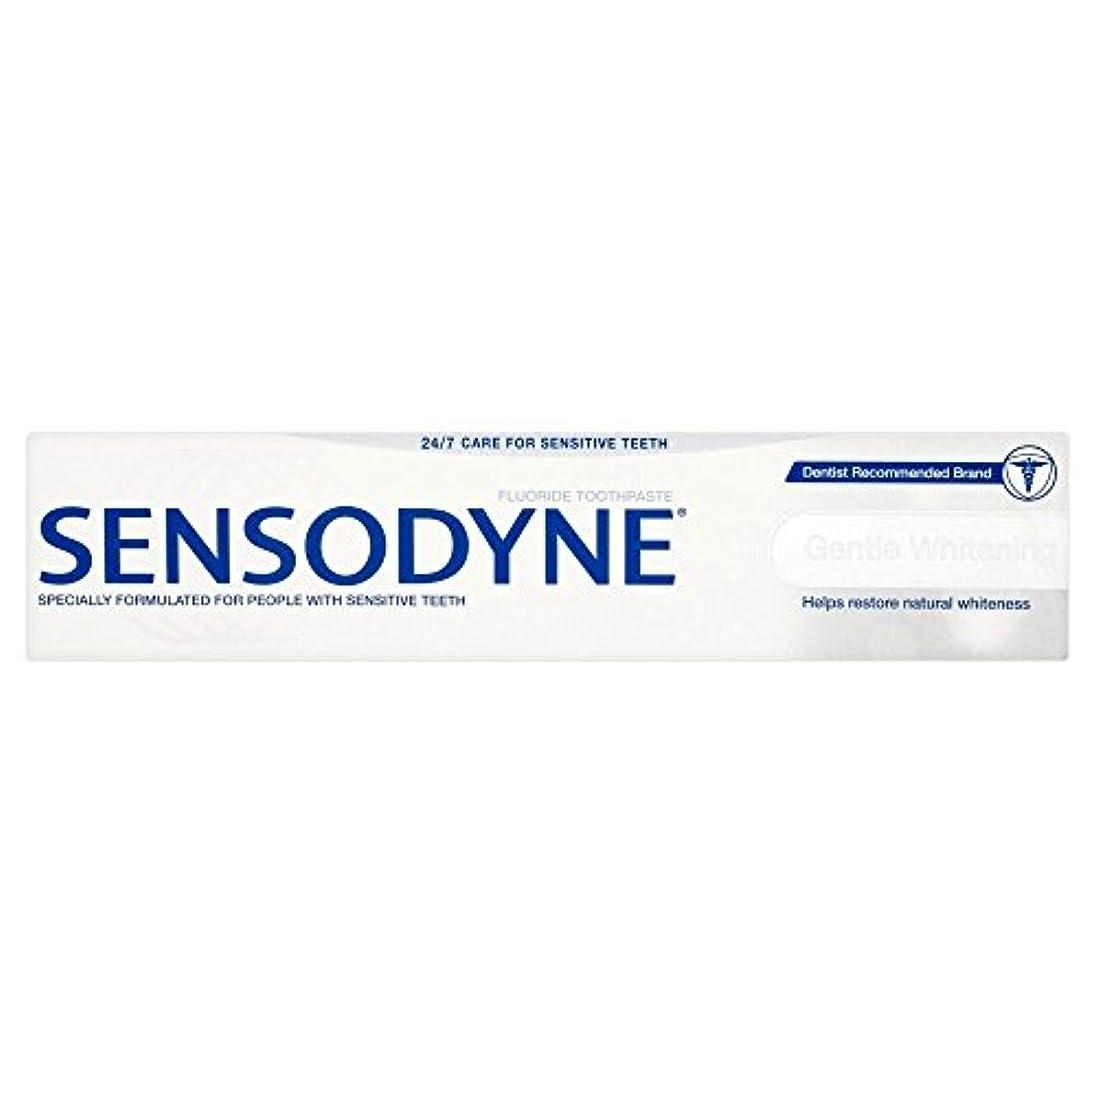 妻コース祖母Sensodyne Total Care Gentle Whitening Toothpaste Tube (100ml) Sensodyneトータルケア優しいホワイトニング歯磨き粉のチューブ( 100ミリリットル) [...